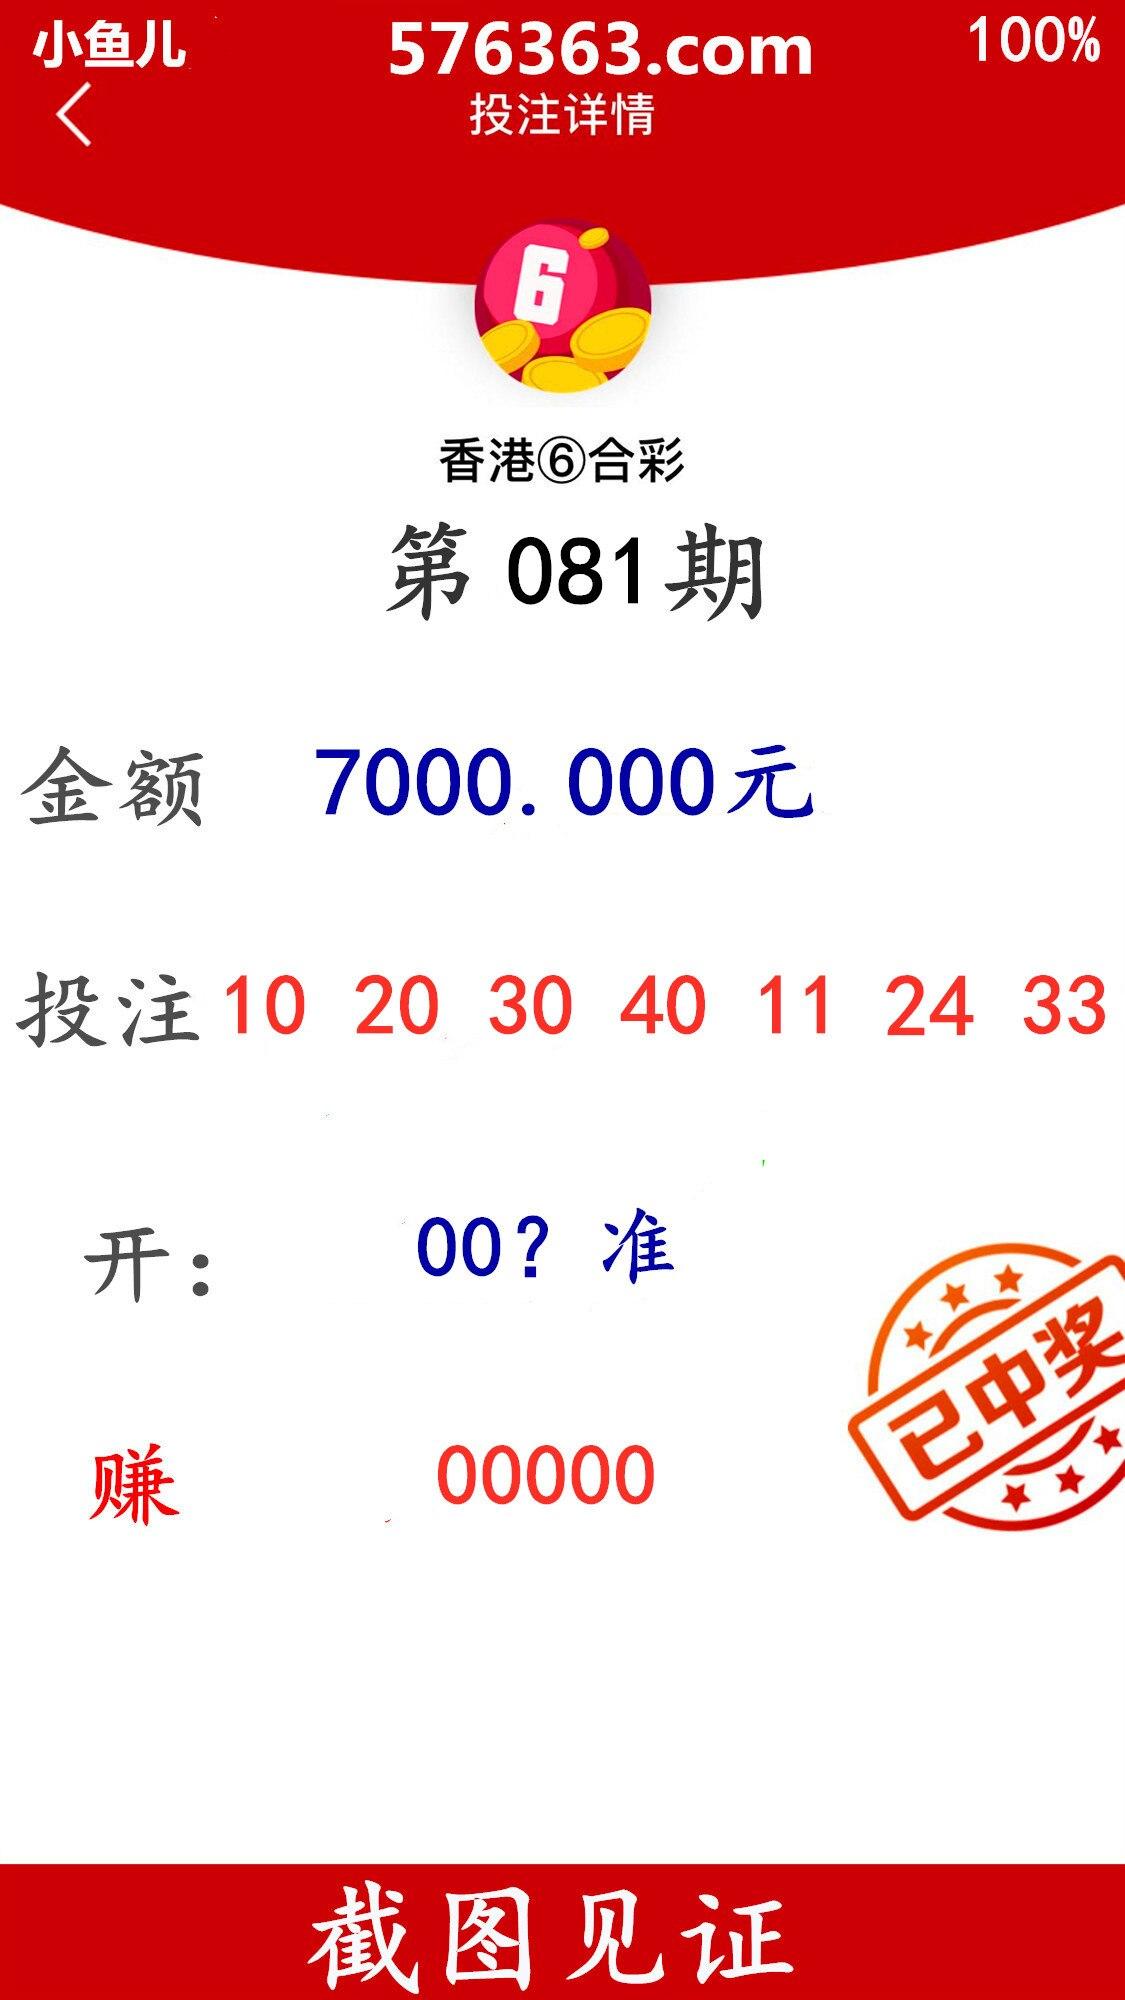 HTB1mQd3aQL0gK0jSZFtq6xQCXXag.jpg (1125×2000)